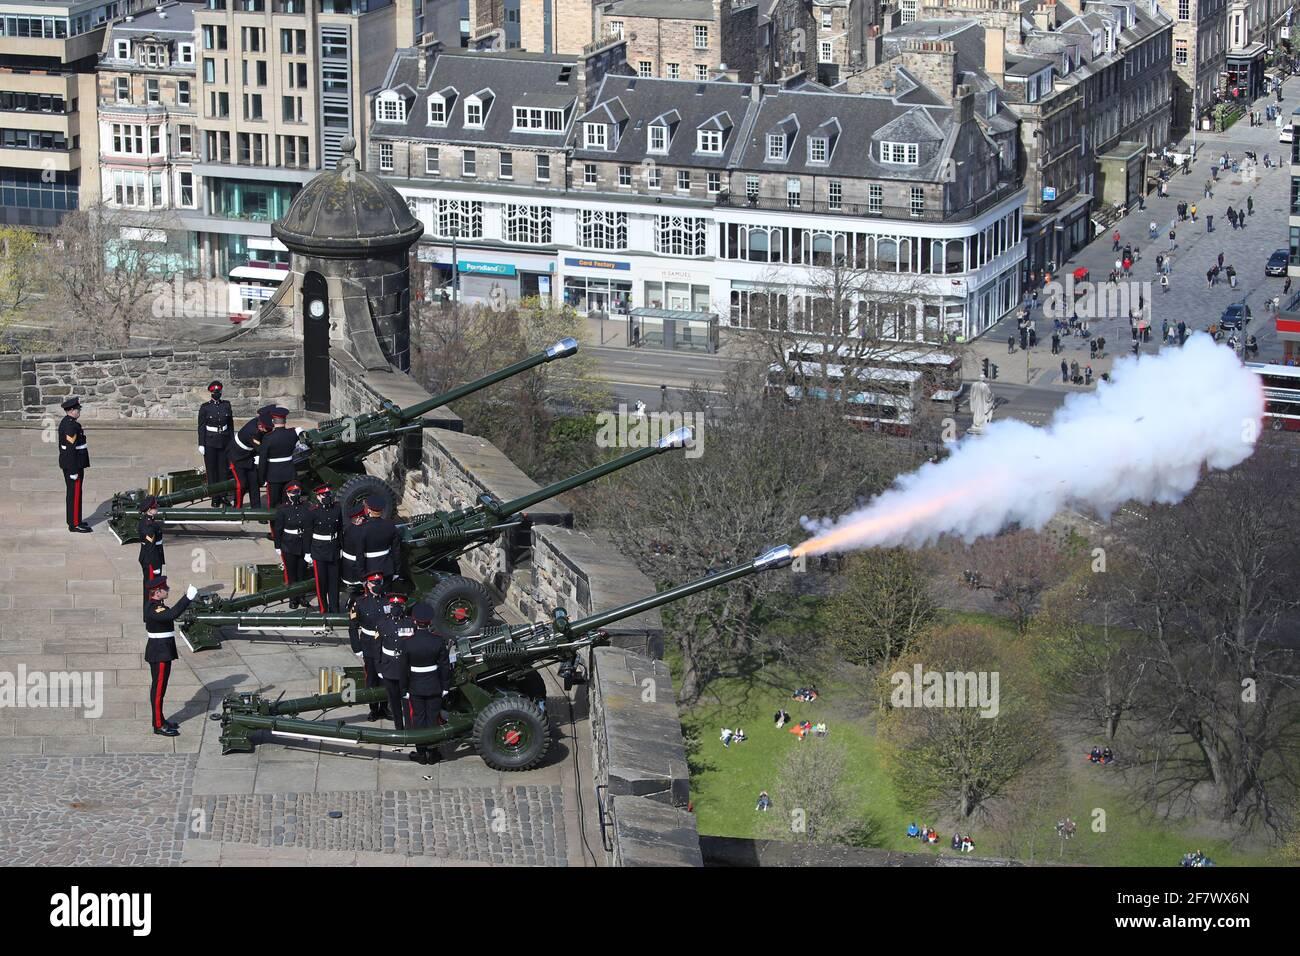 Mitglieder des 105. Regiments Royal Artillery feuern einen 41-runden Waffengruß auf das Edinburgh Castle, um den Tod des Herzogs von Edinburgh zu markieren. Bilddatum: Samstag, 10. April 2021. Stockfoto